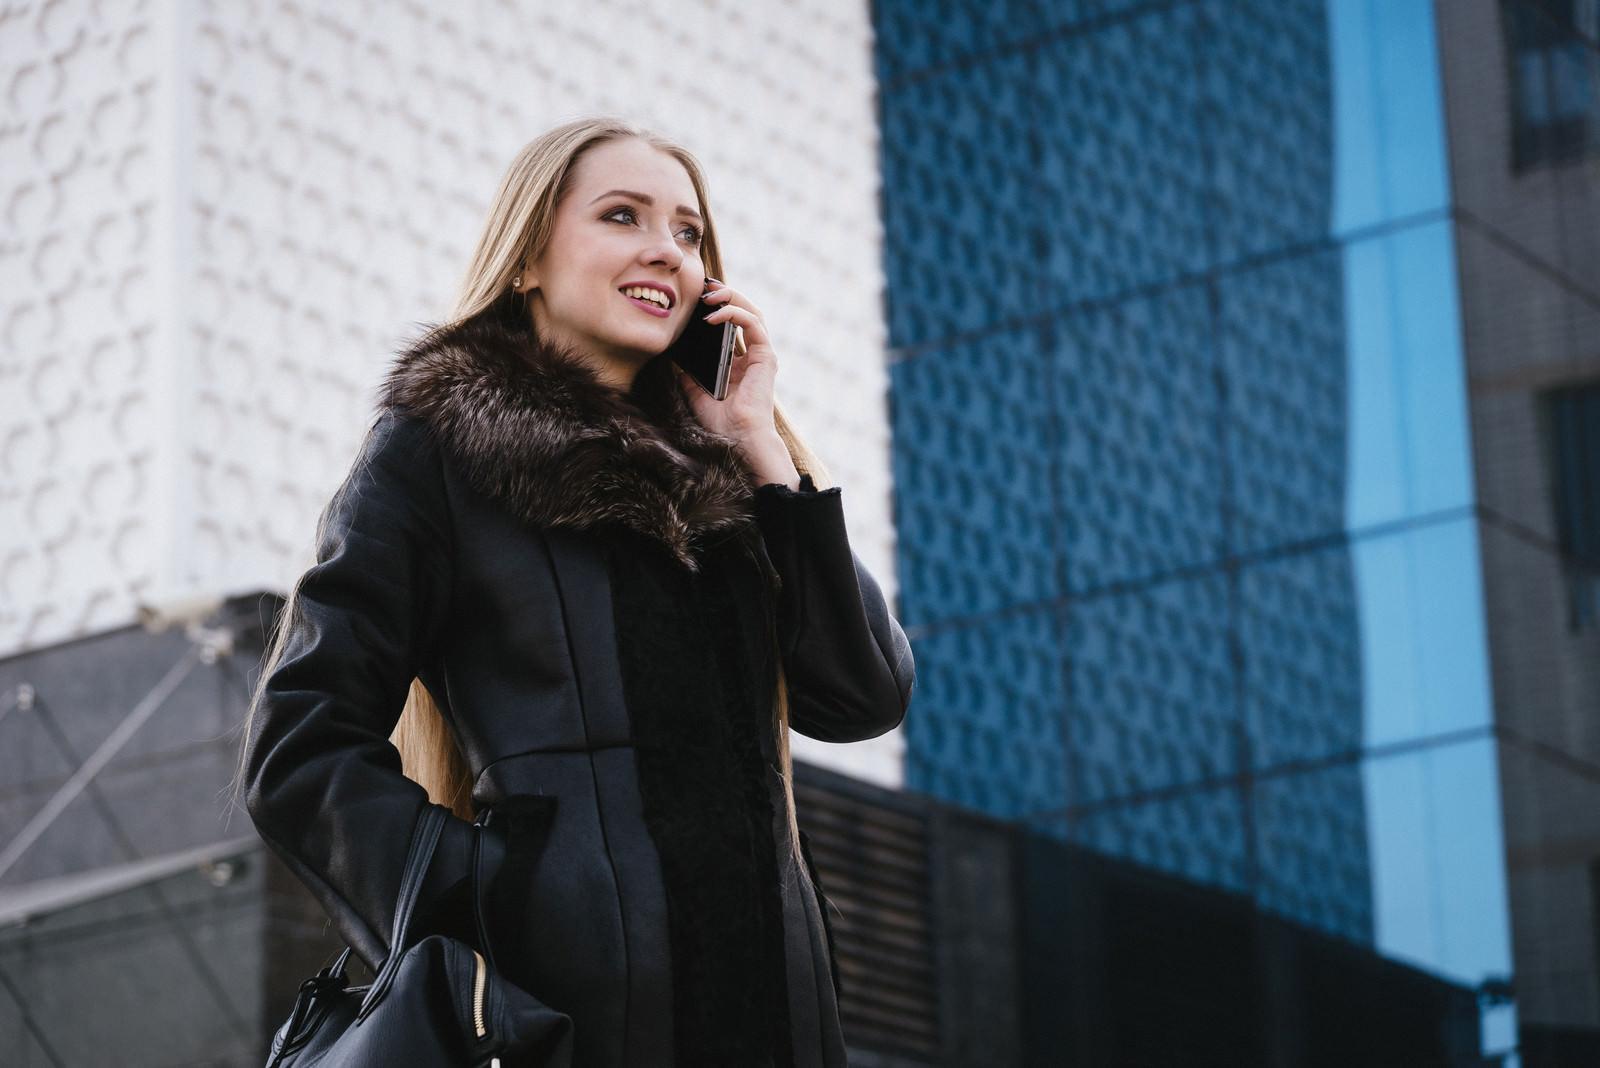 「スマホで通話する外国人セレブスマホで通話する外国人セレブ」[モデル:モデルファクトリー]のフリー写真素材を拡大